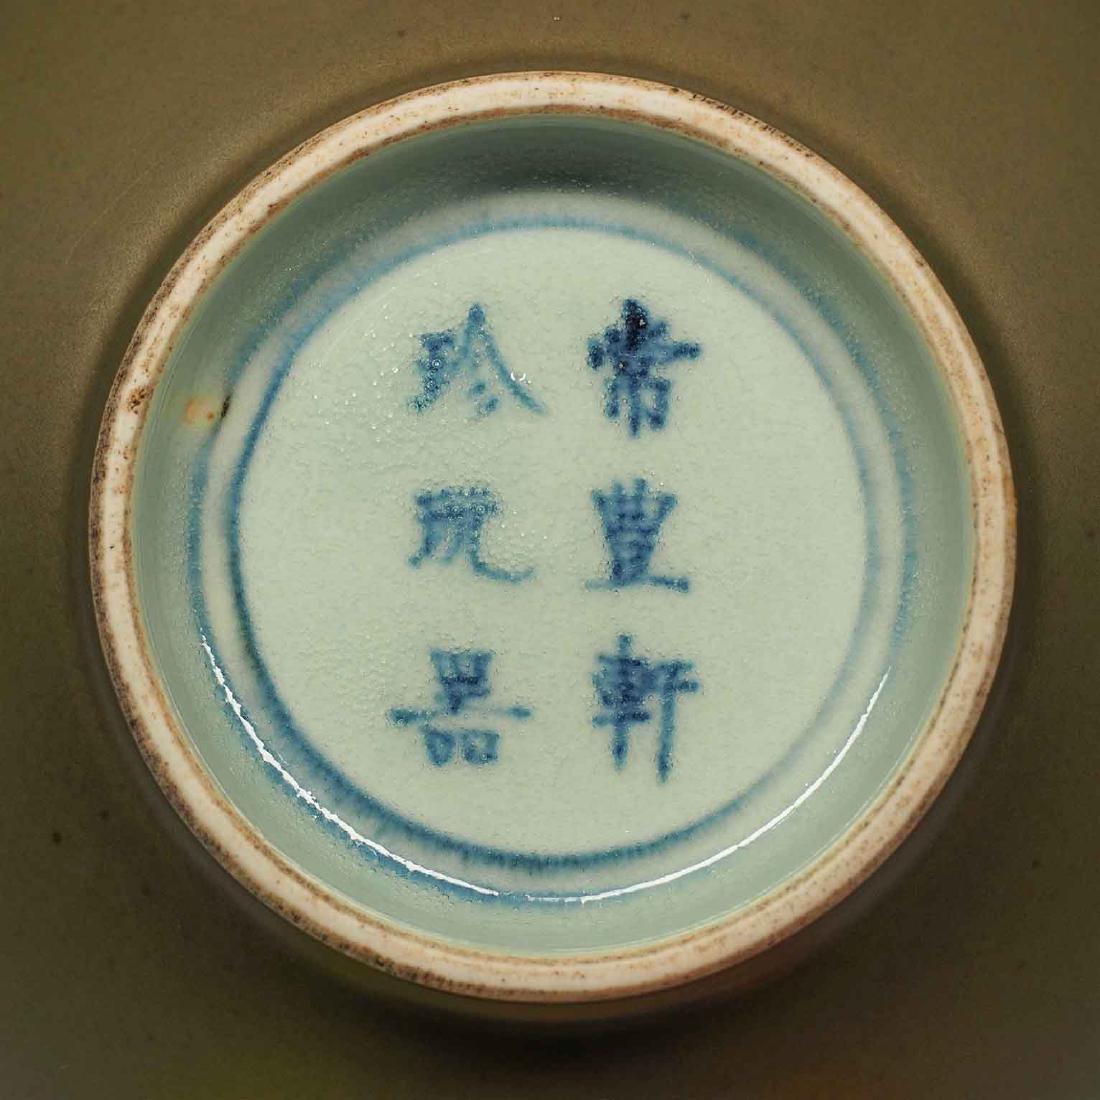 Flared-Rim Censer, Kangxi Mark, Qing Dynasty - 6